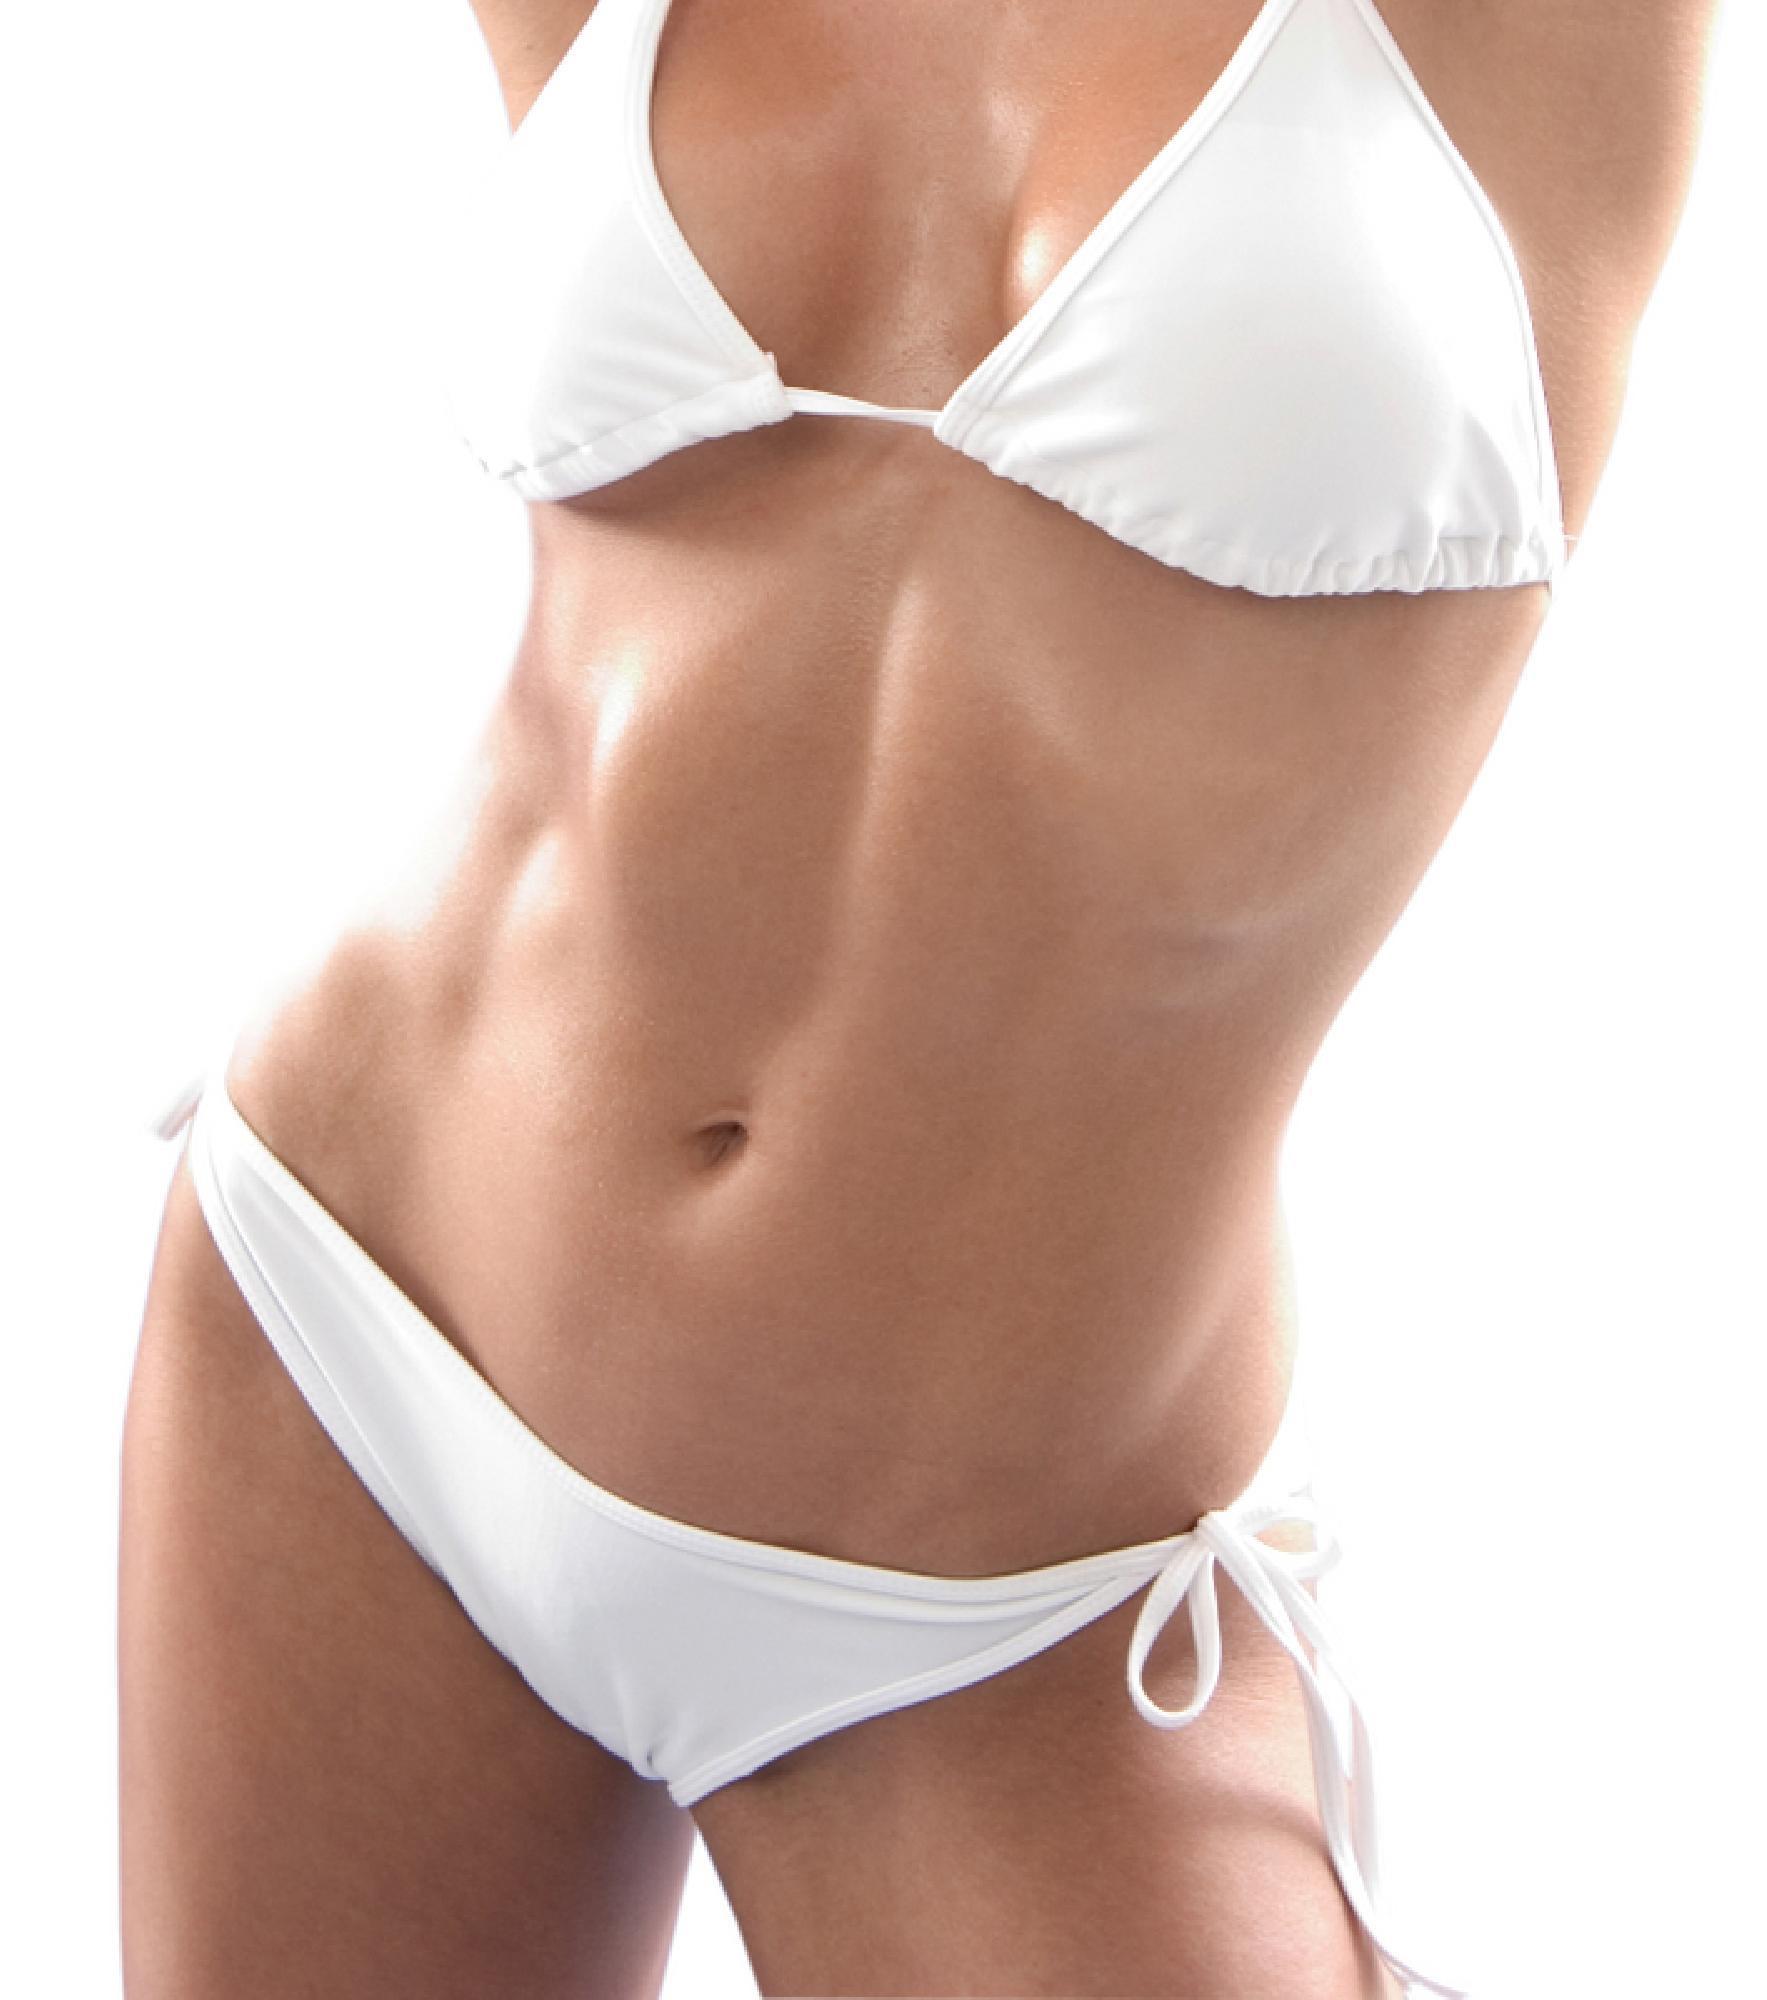 Marcacion abdominal